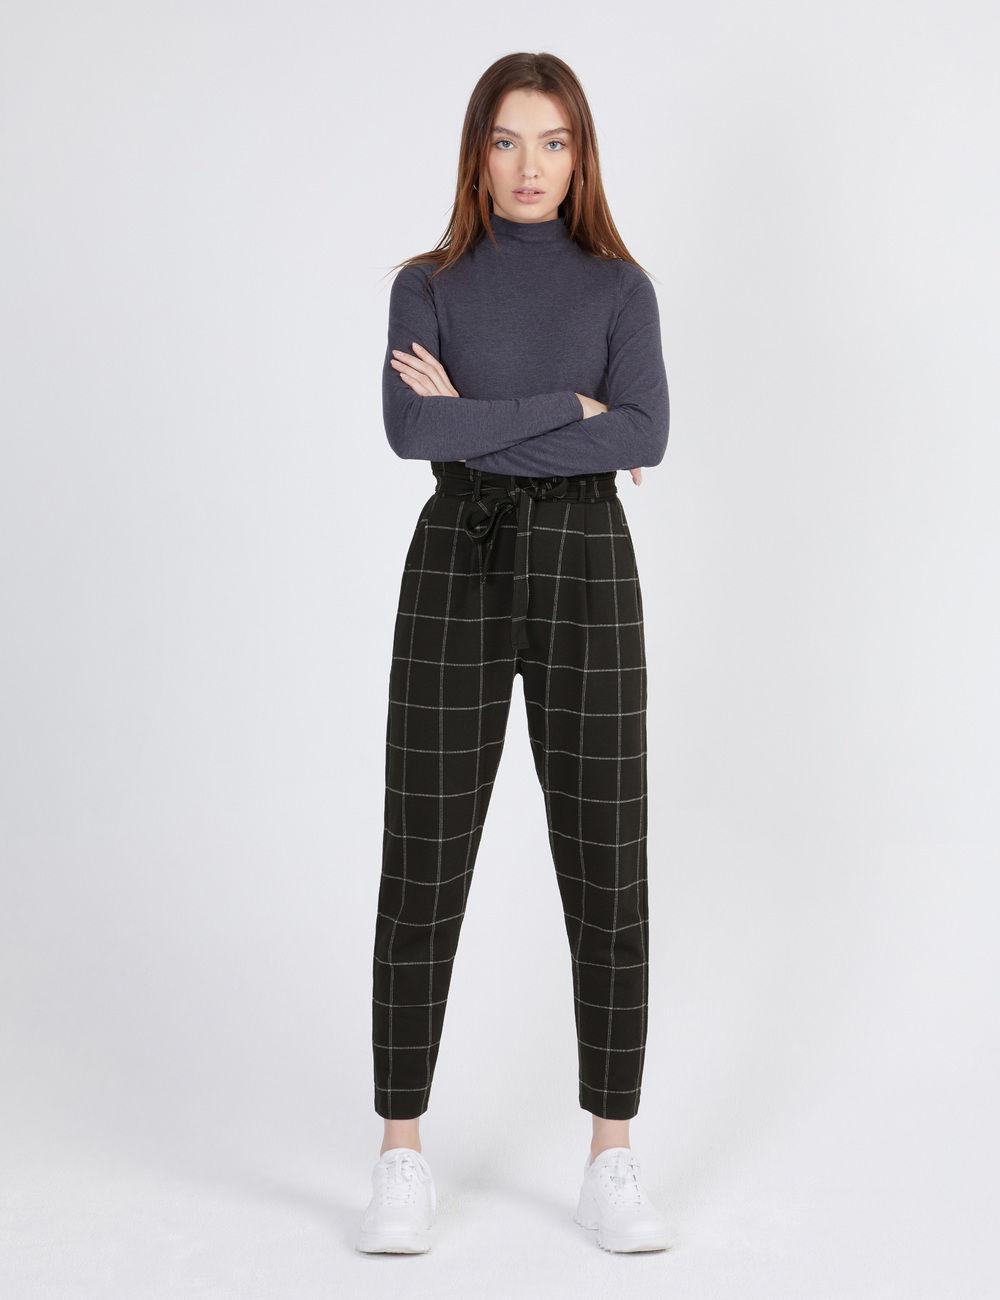 pantalon ville à carreaux noir et blanc Jennyfer prix 19,99 €